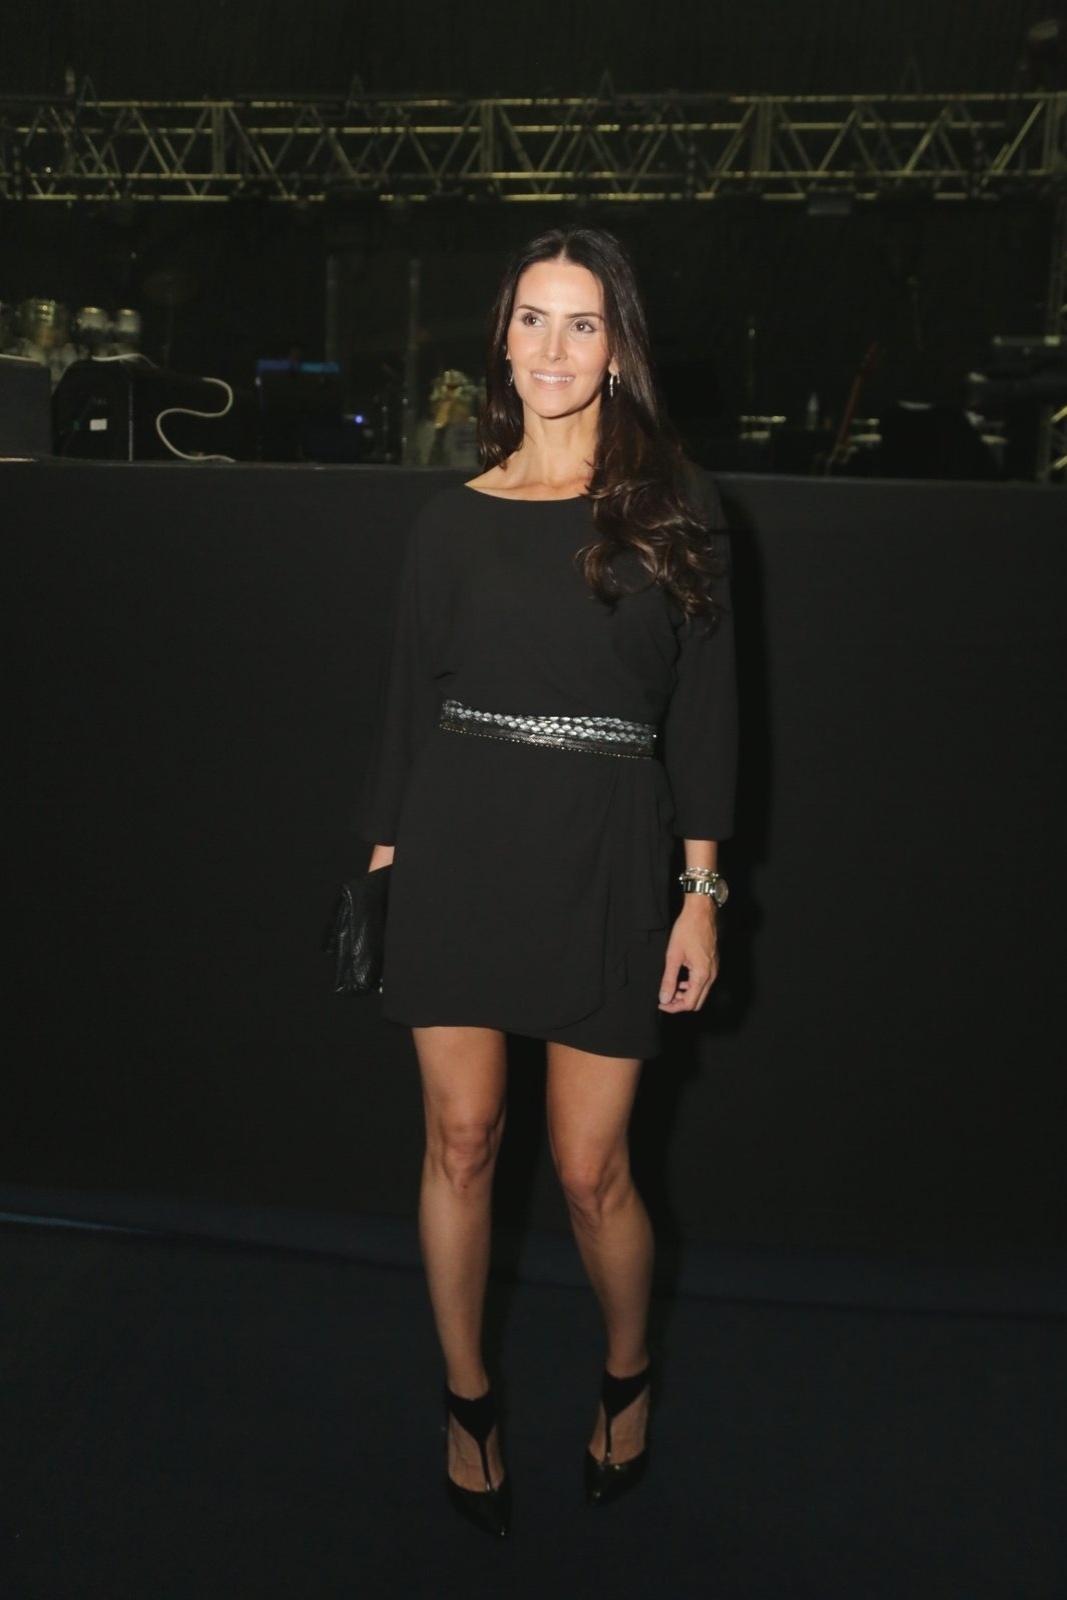 14.nov.2014 - Lisandra Souto prestigia o show de Roberto Carlos no Maracanãzinho, zona norte do Rio de Janeiro, na noite desta sexta-feira